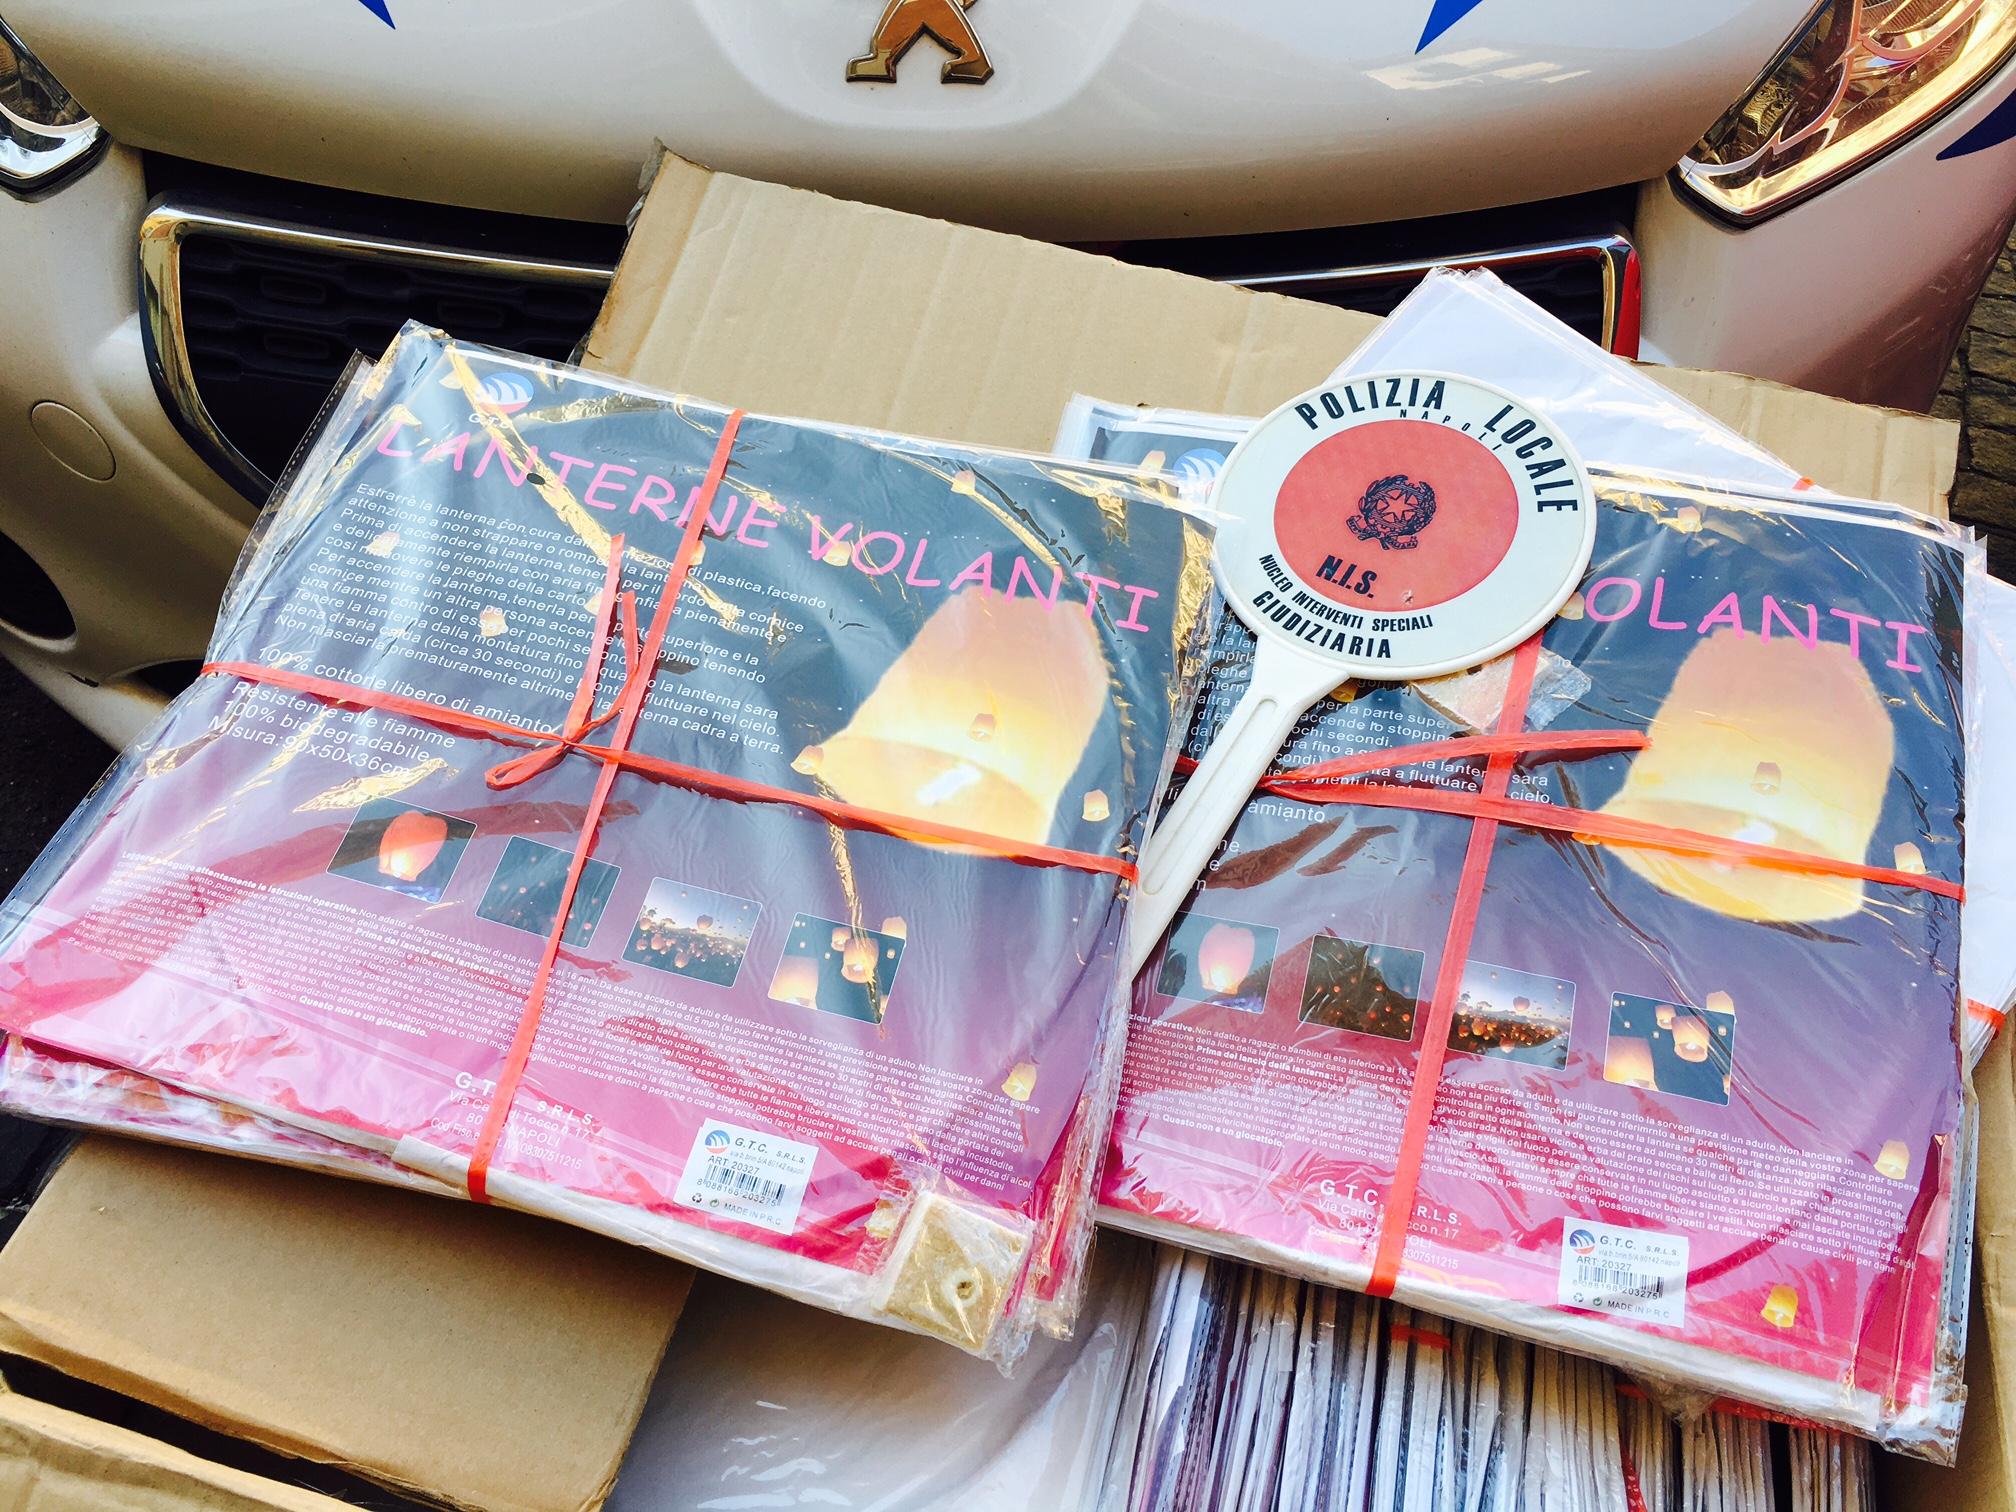 Napoli, la Polizia municipale sequestra 2 mila lanterne cinesi